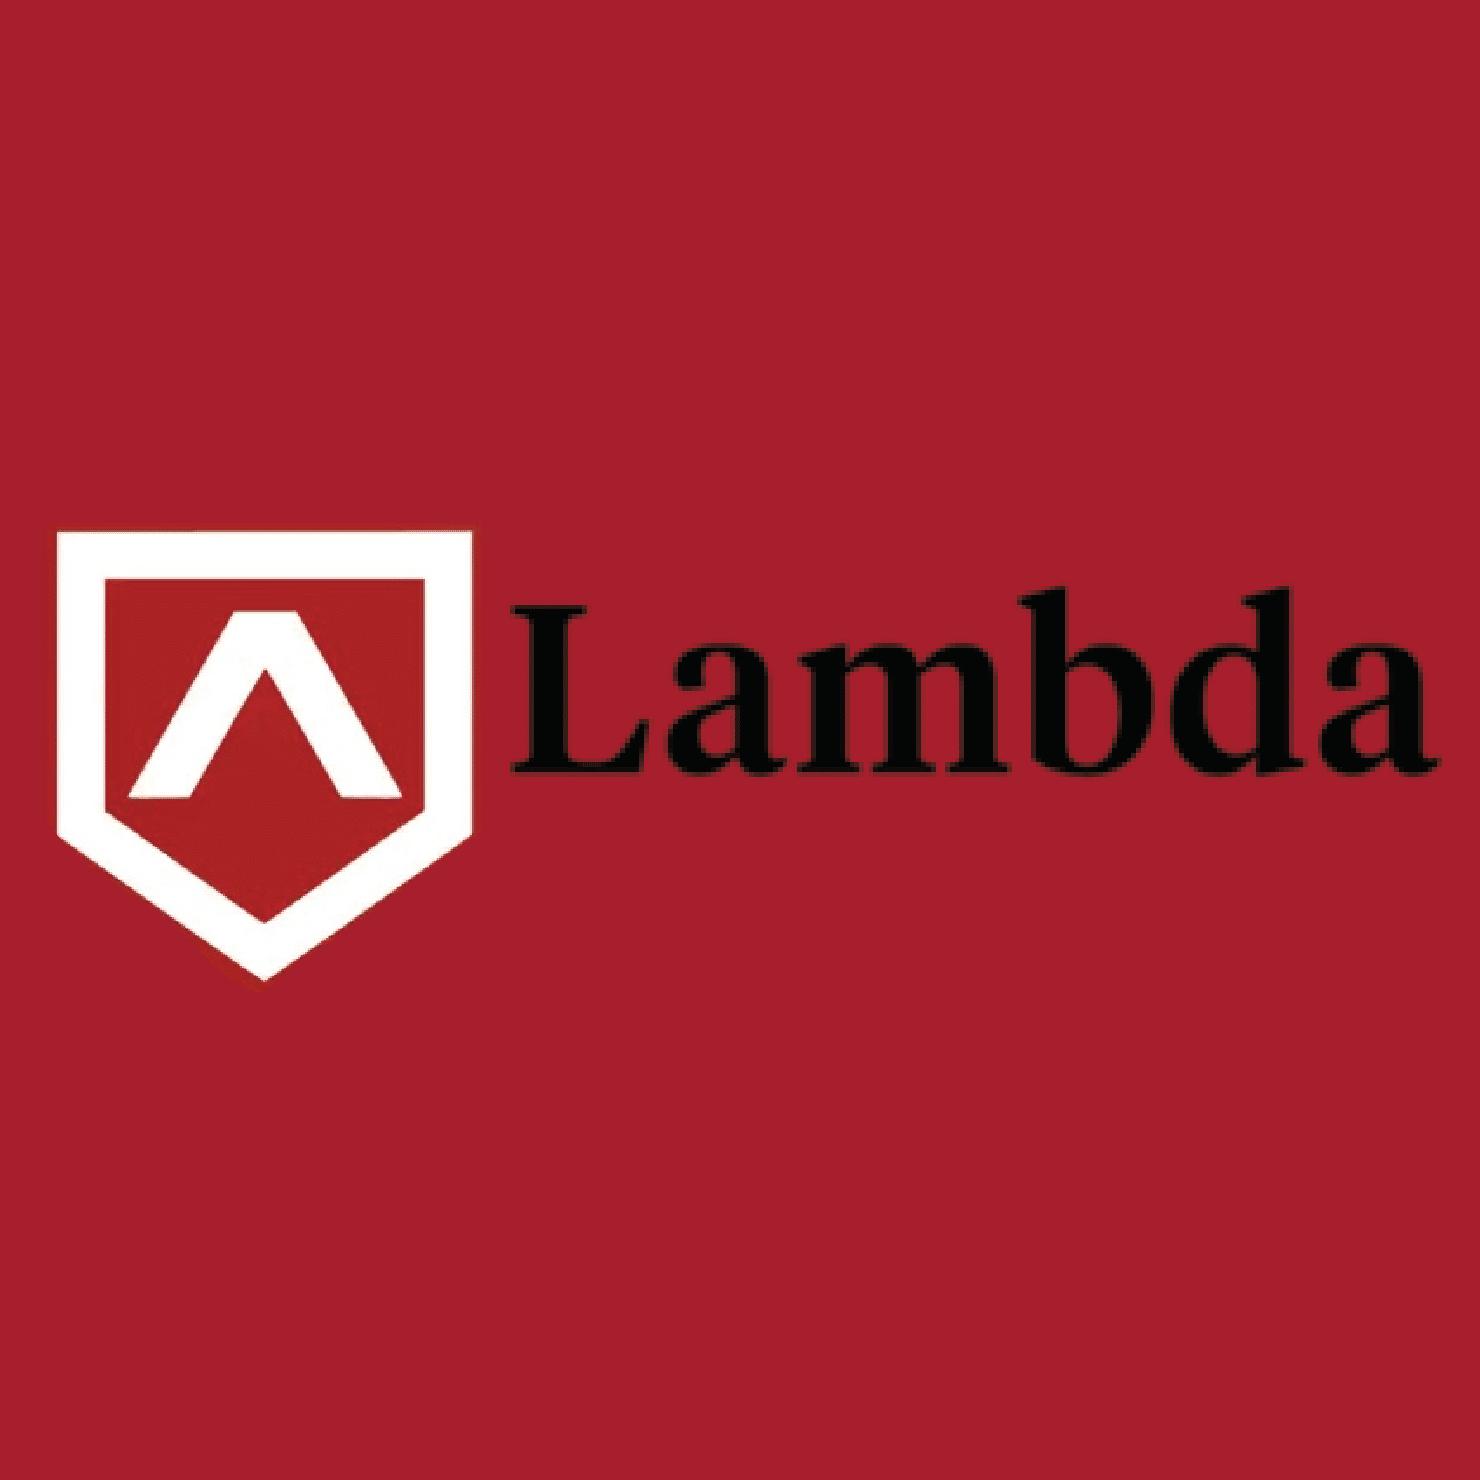 Lam 03